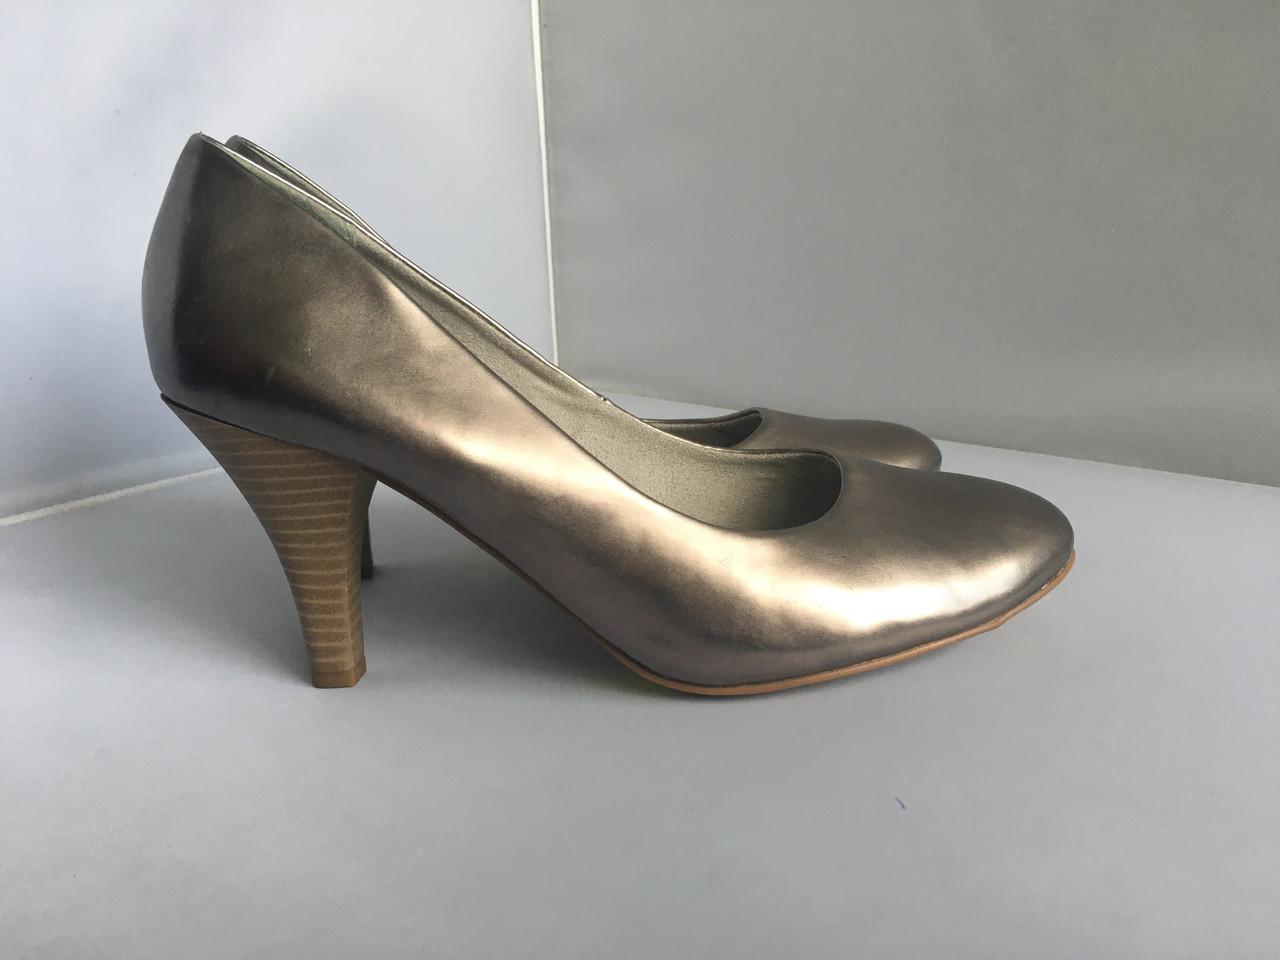 Женские туфли Tamaris размер, 40 размер